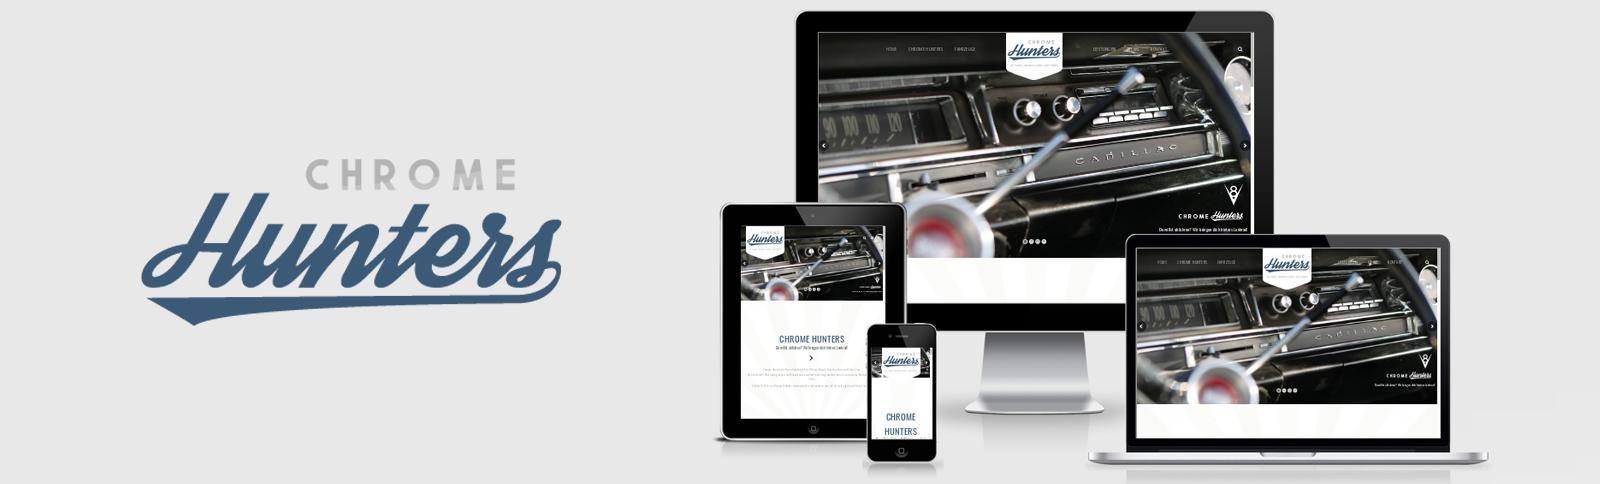 Fotoshooting und Erstellung der Website für die Chrome Hunters GmbH durch Kähler & Kähler